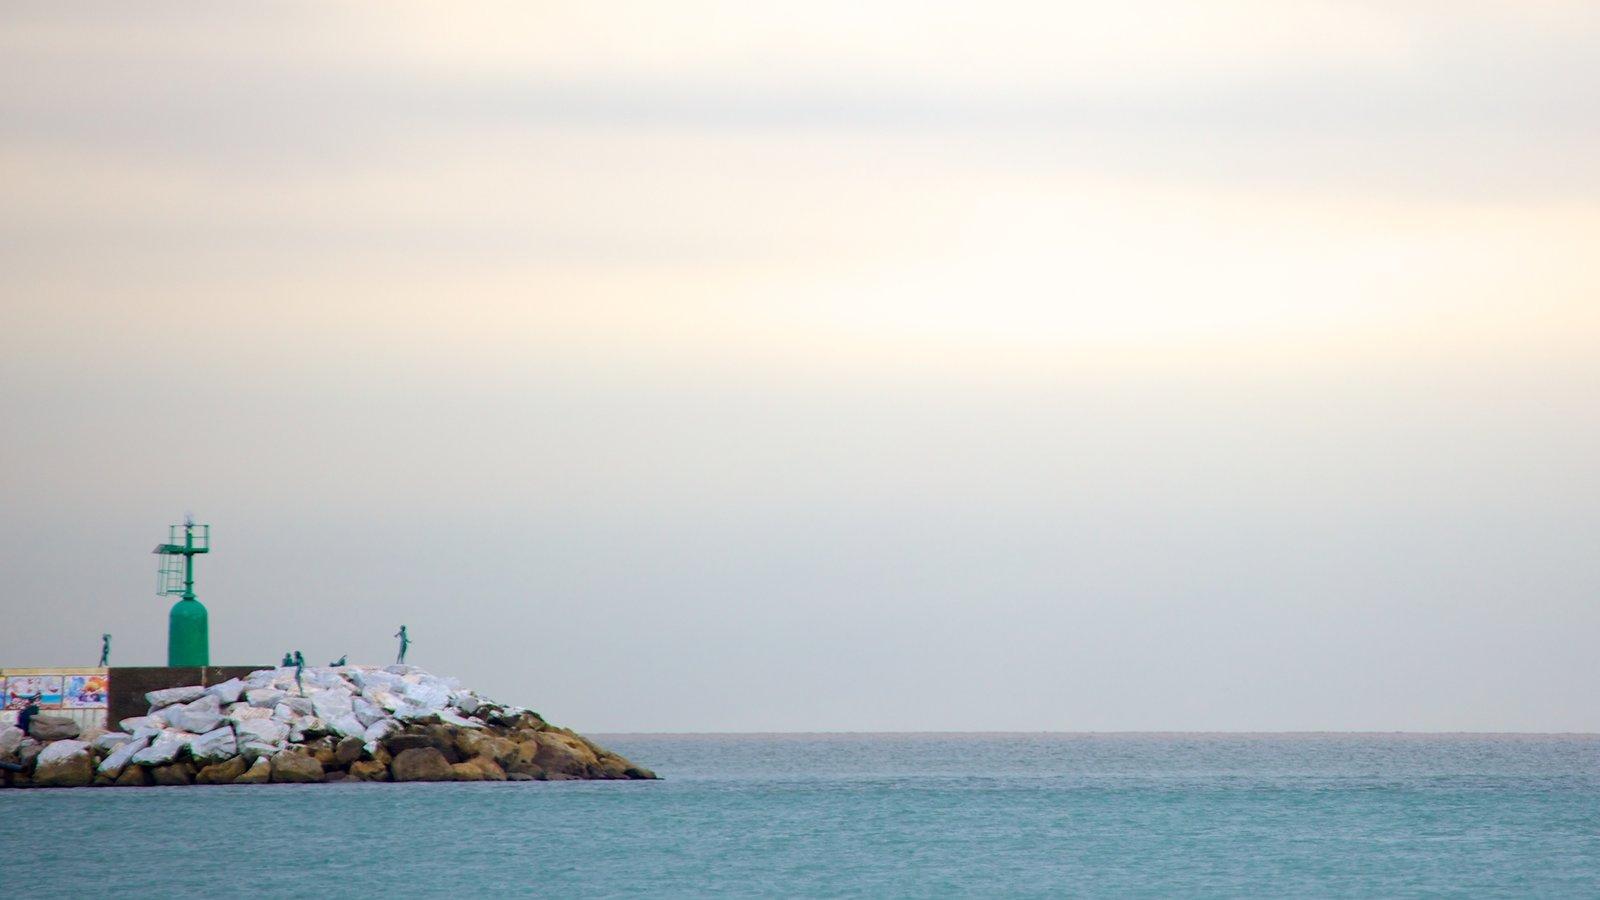 Viareggio showing rocky coastline, landscape views and general coastal views